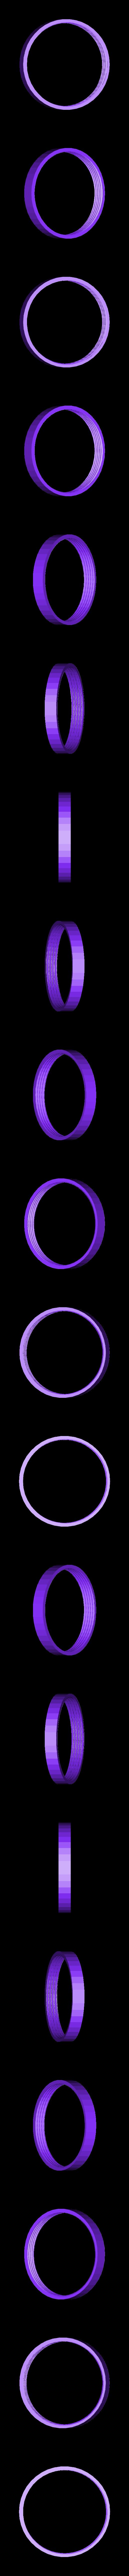 anneaux interchangeables.stl Télécharger fichier STL gratuit Bague personnalisable • Design imprimable en 3D, leonhotat